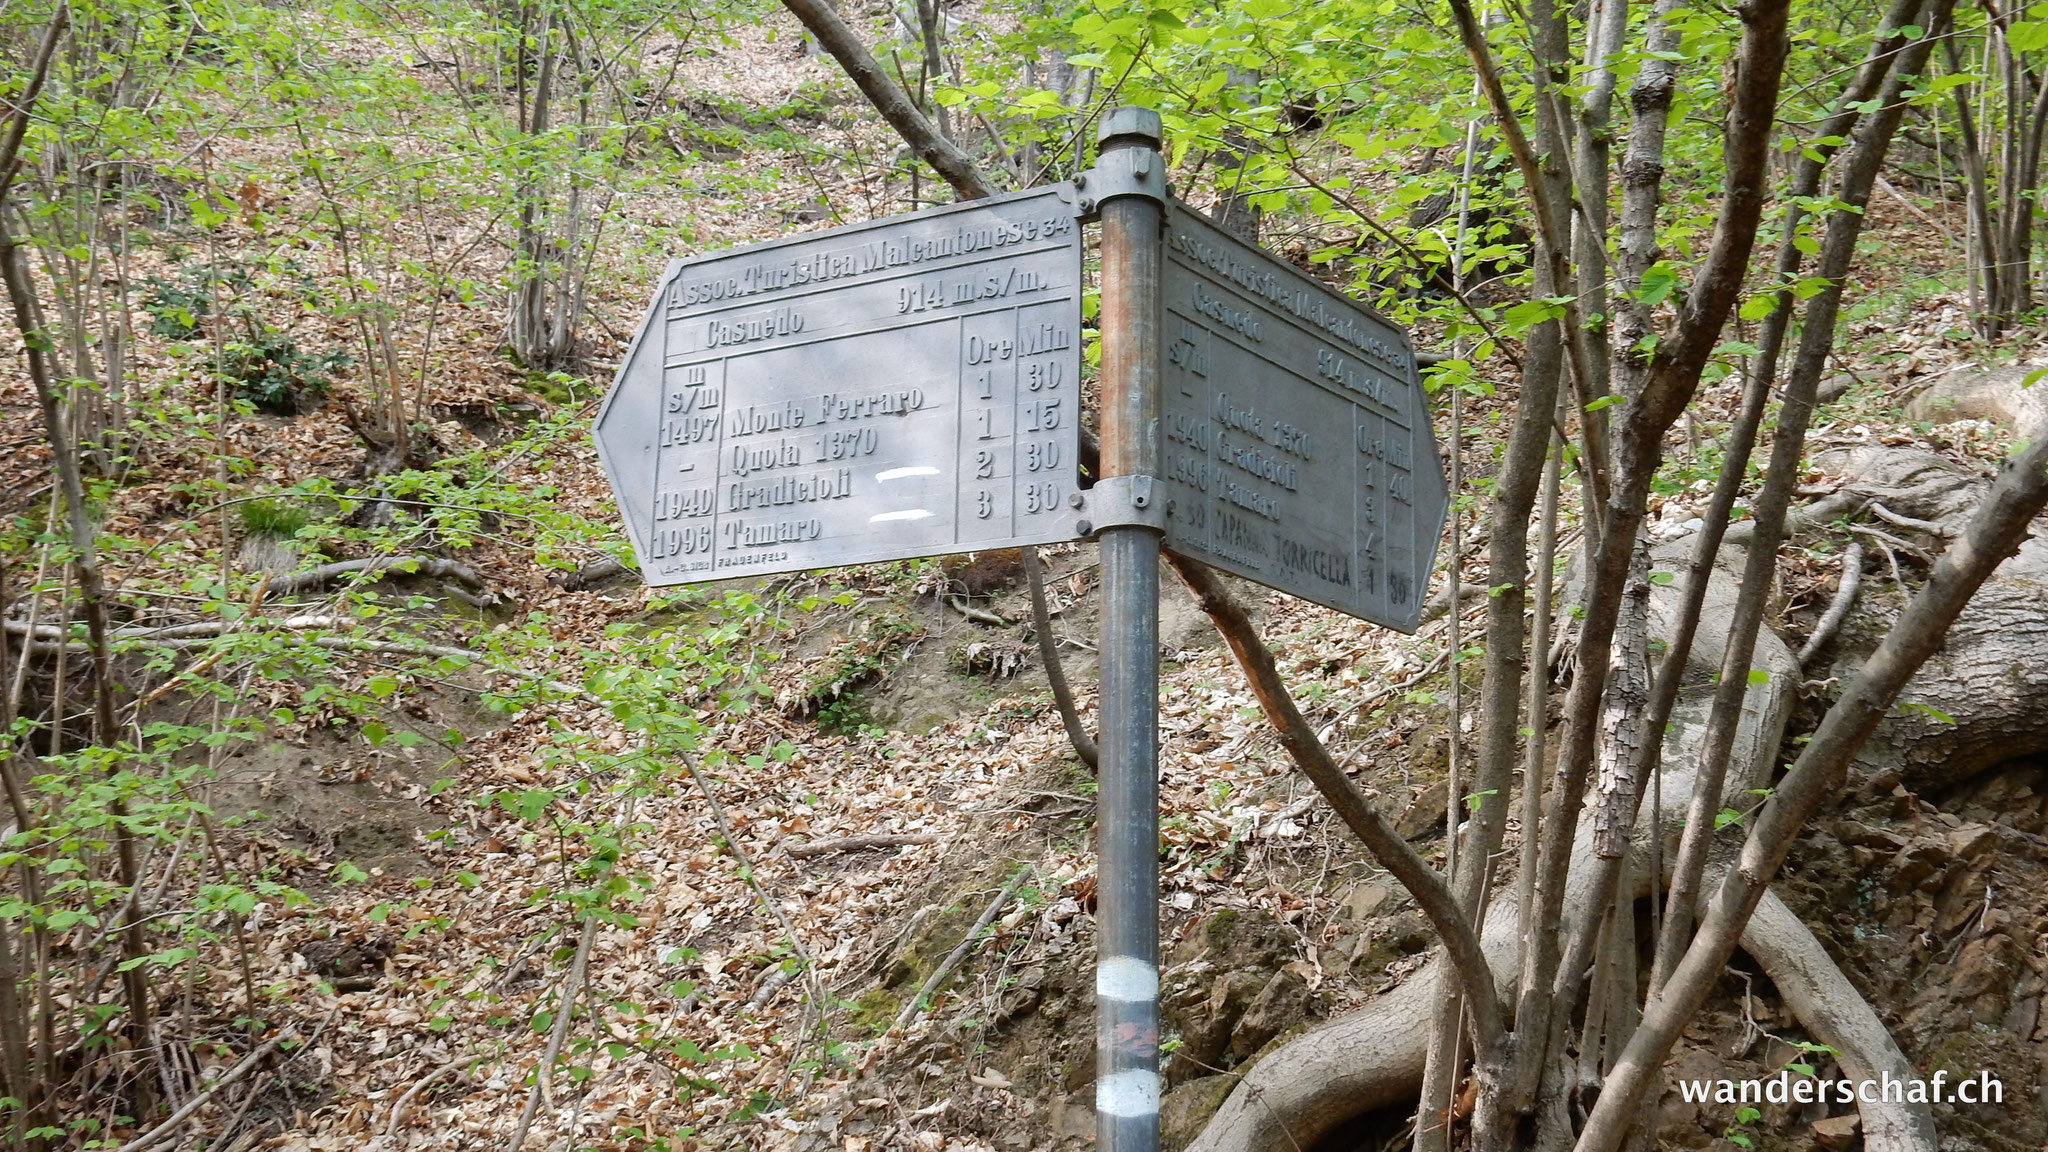 Abstieg durchs Unterholz....ah, da war früher doch einmal ein offizieller Weg!